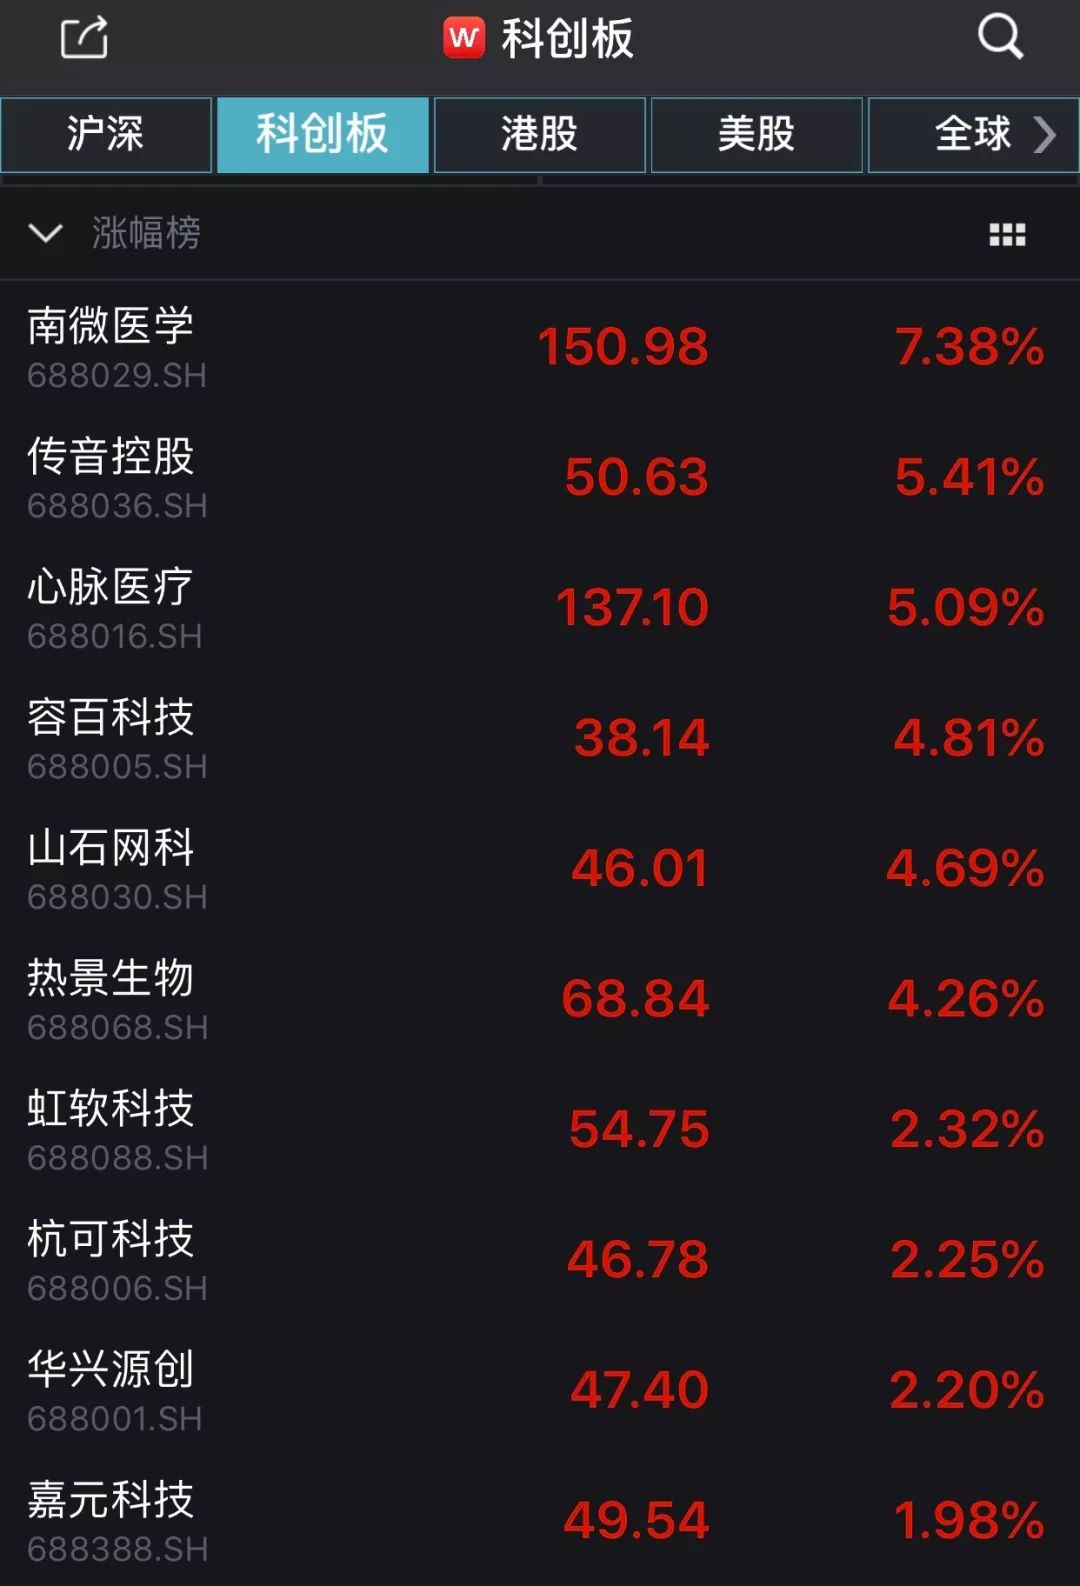 北京市长:全市居民人均可支配收入6.2万元